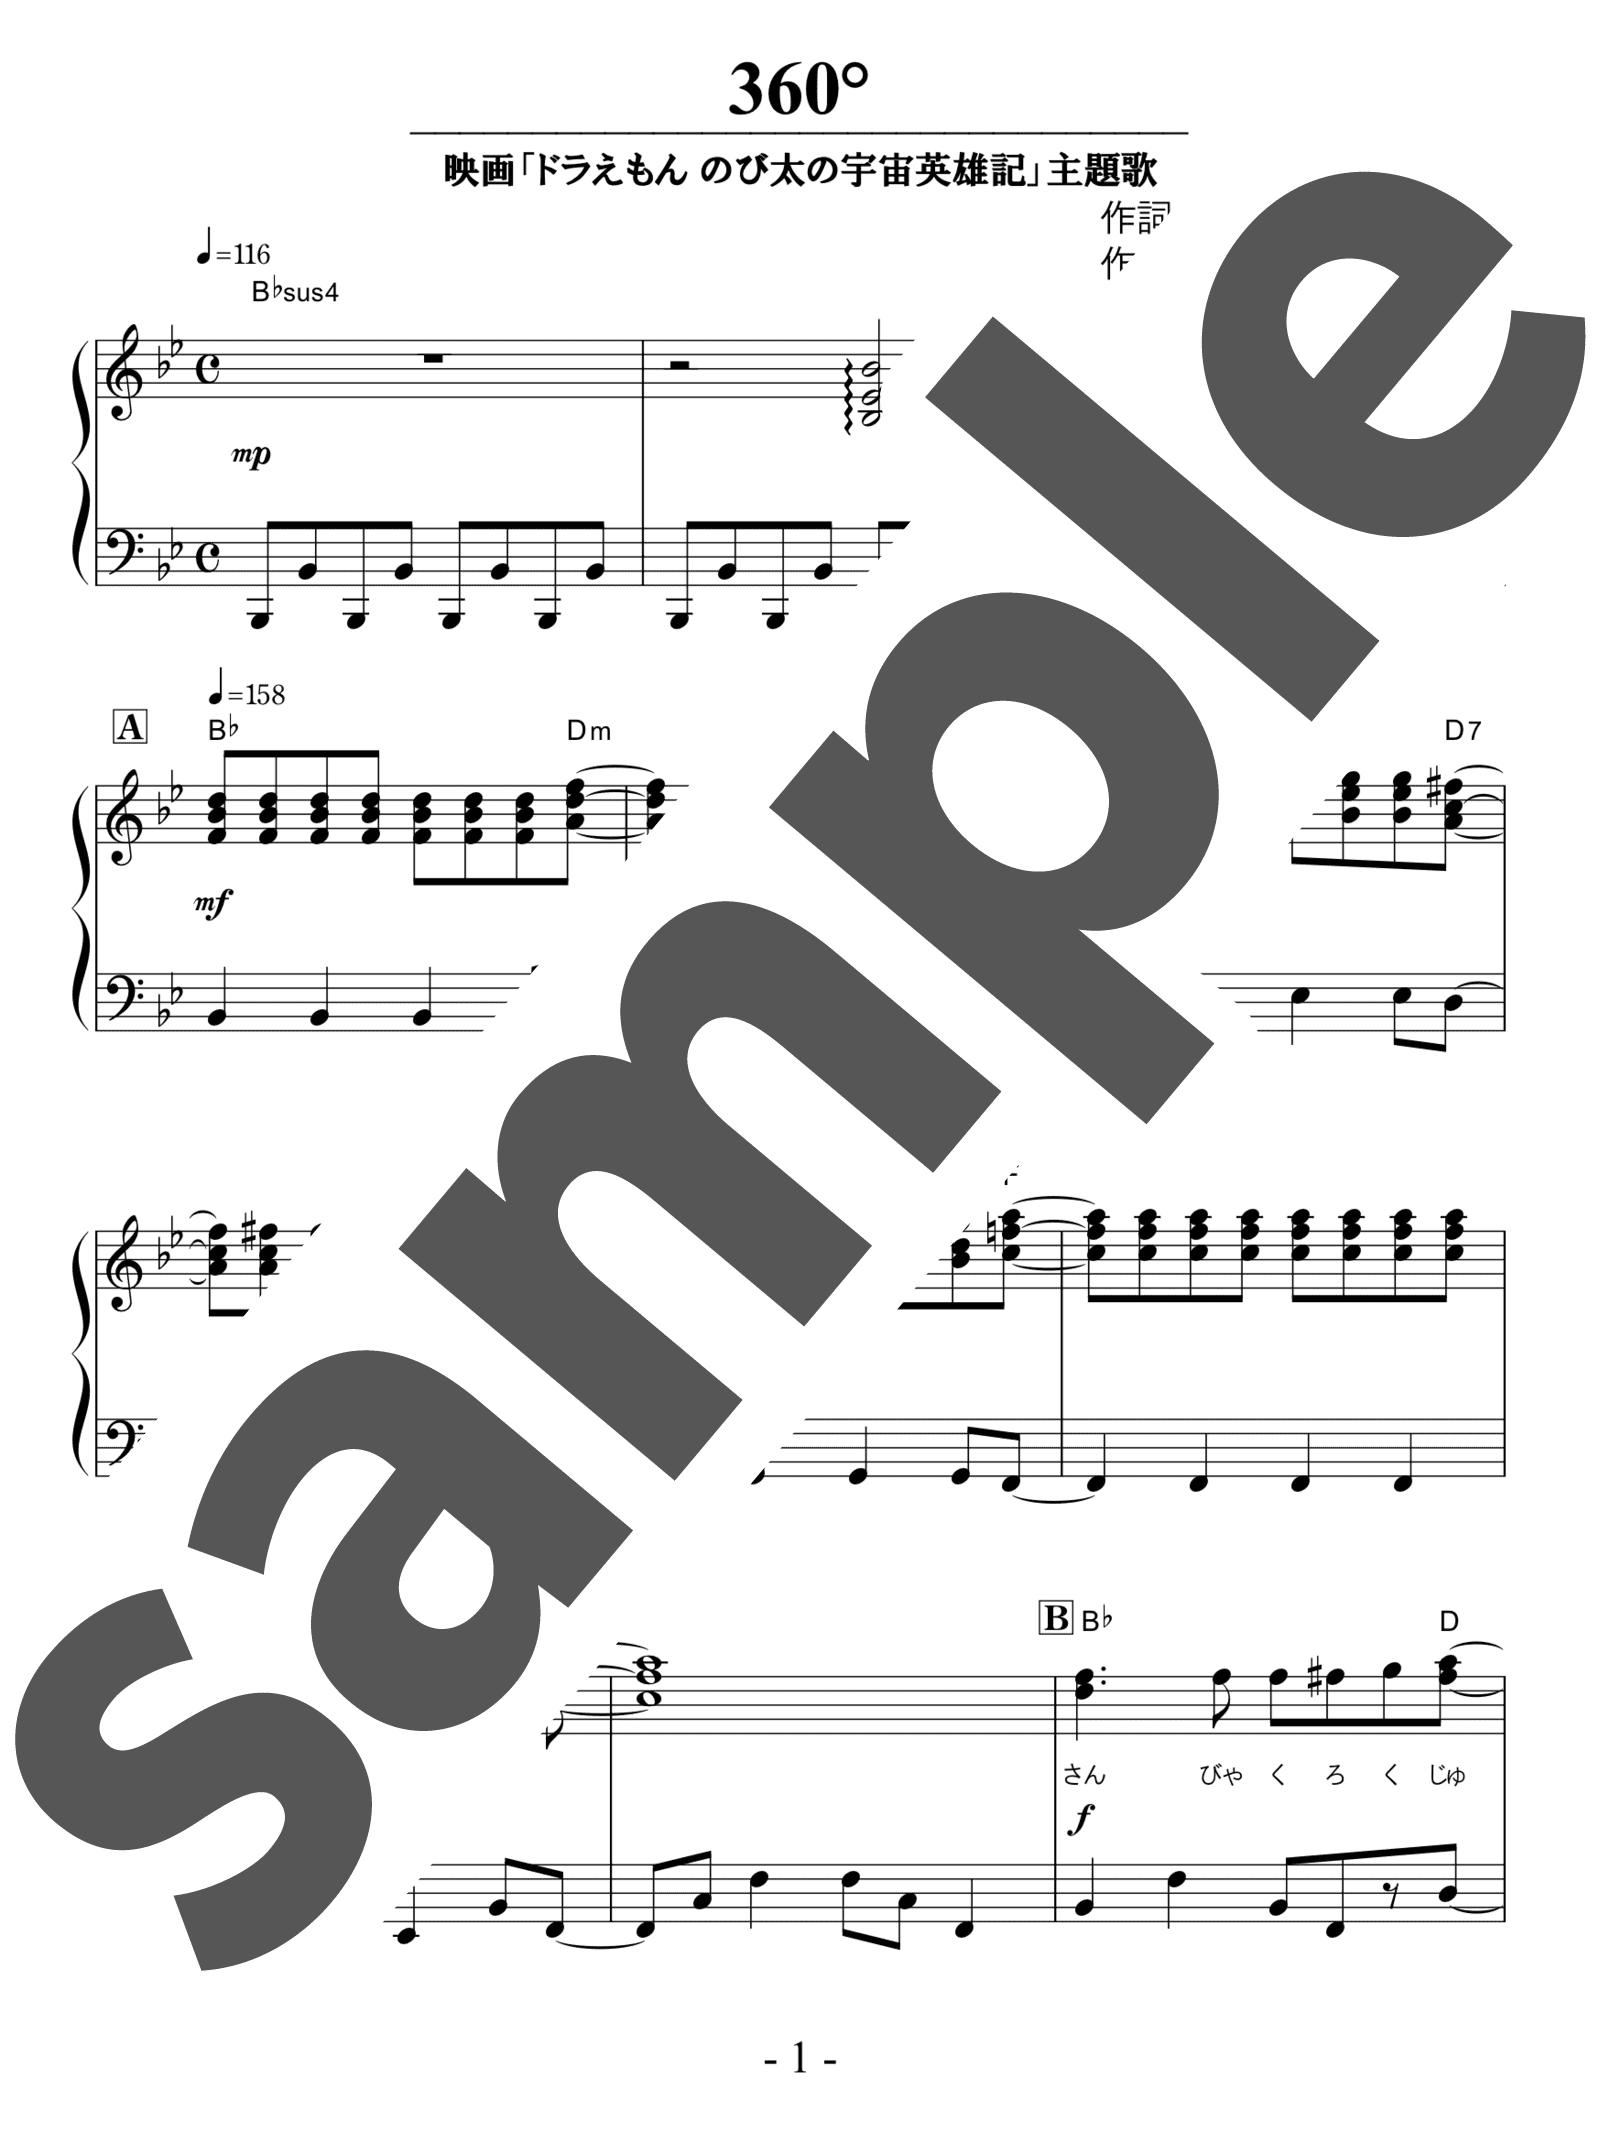 「360°」のサンプル楽譜